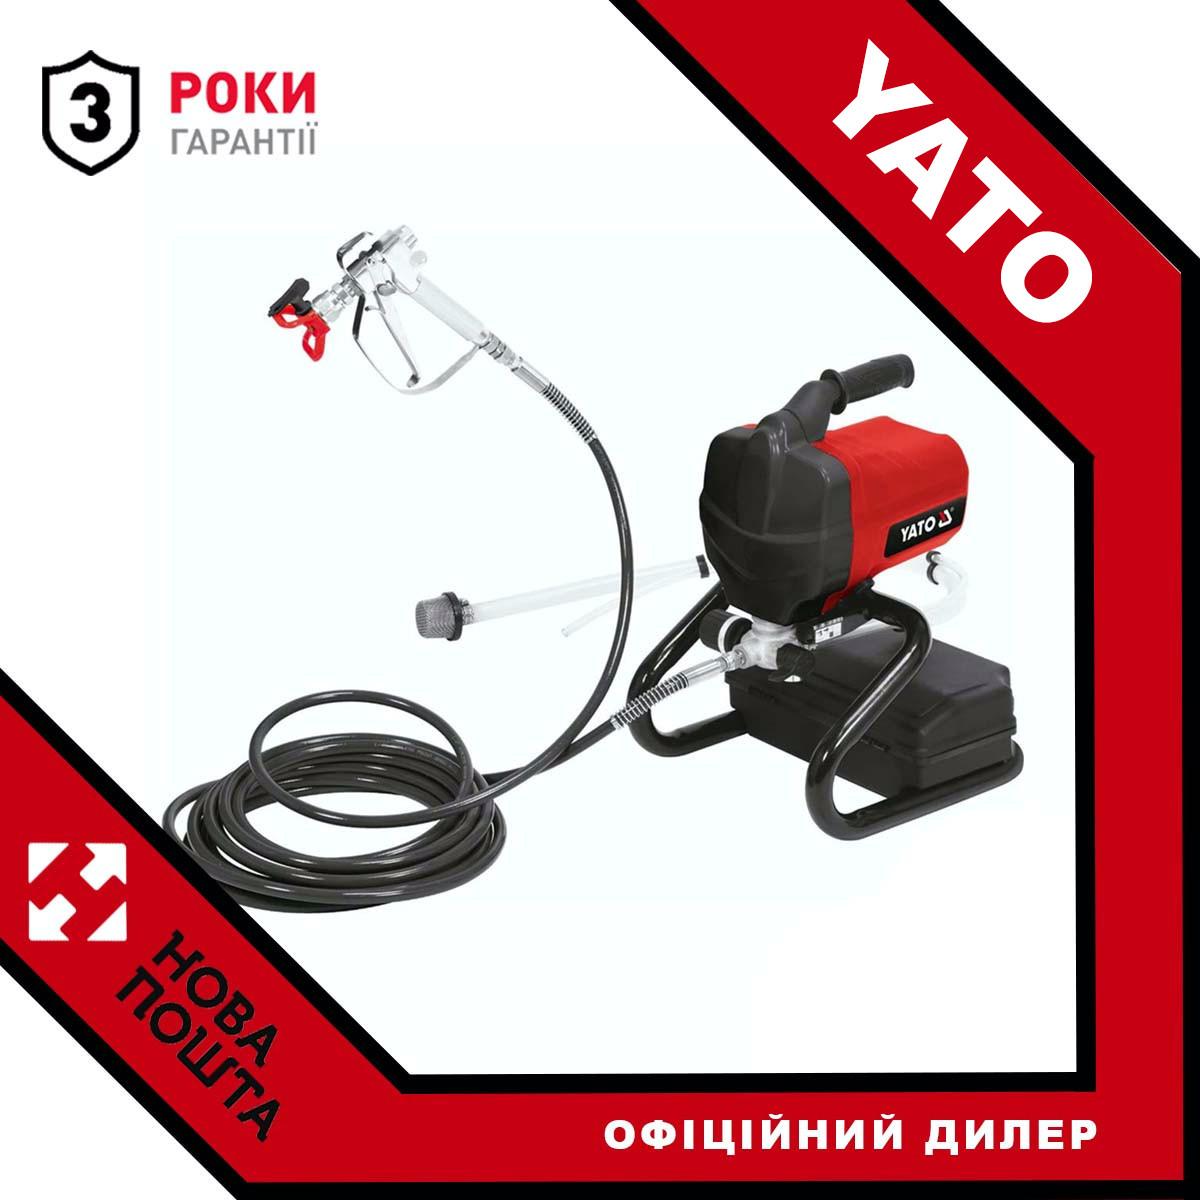 Покрасочная станция гидродинамическая YATO YT-82560 малярная станция высокого давления агрегат краскопульт